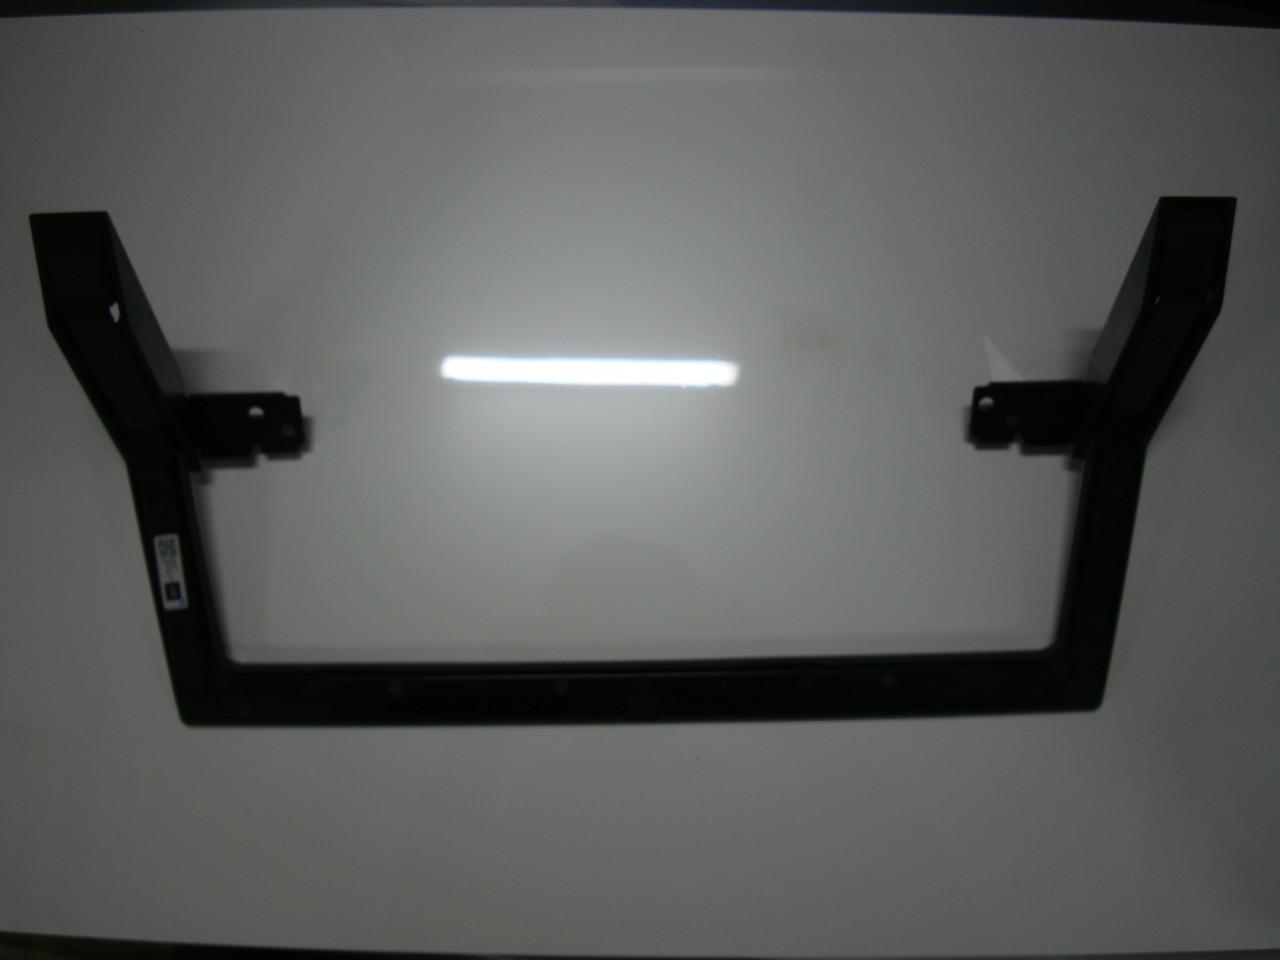 Подставка от телевизора Sony KDL-32WD756